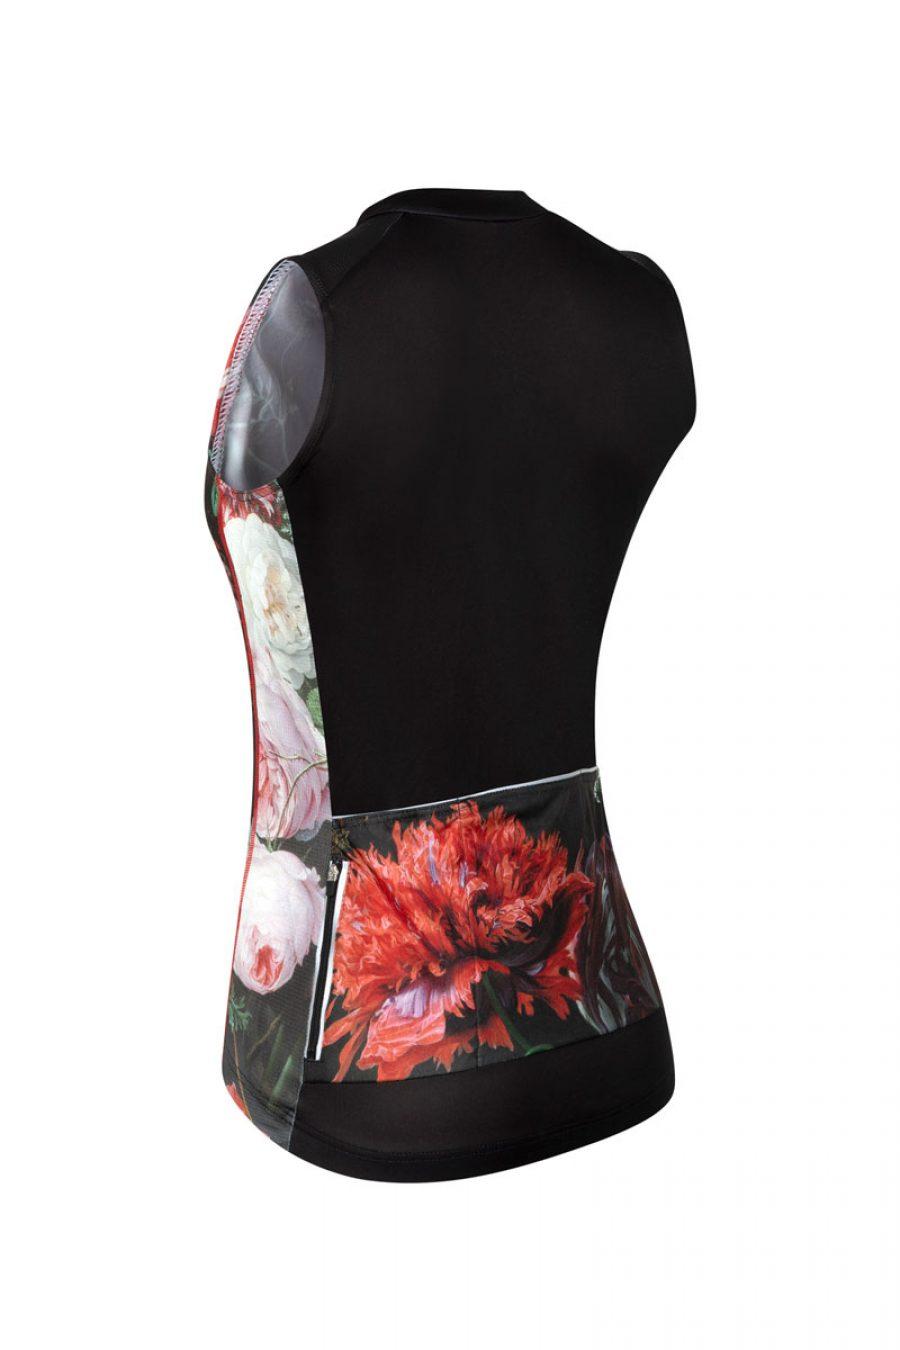 mouwloos-dames-fietsshirt-bloemen